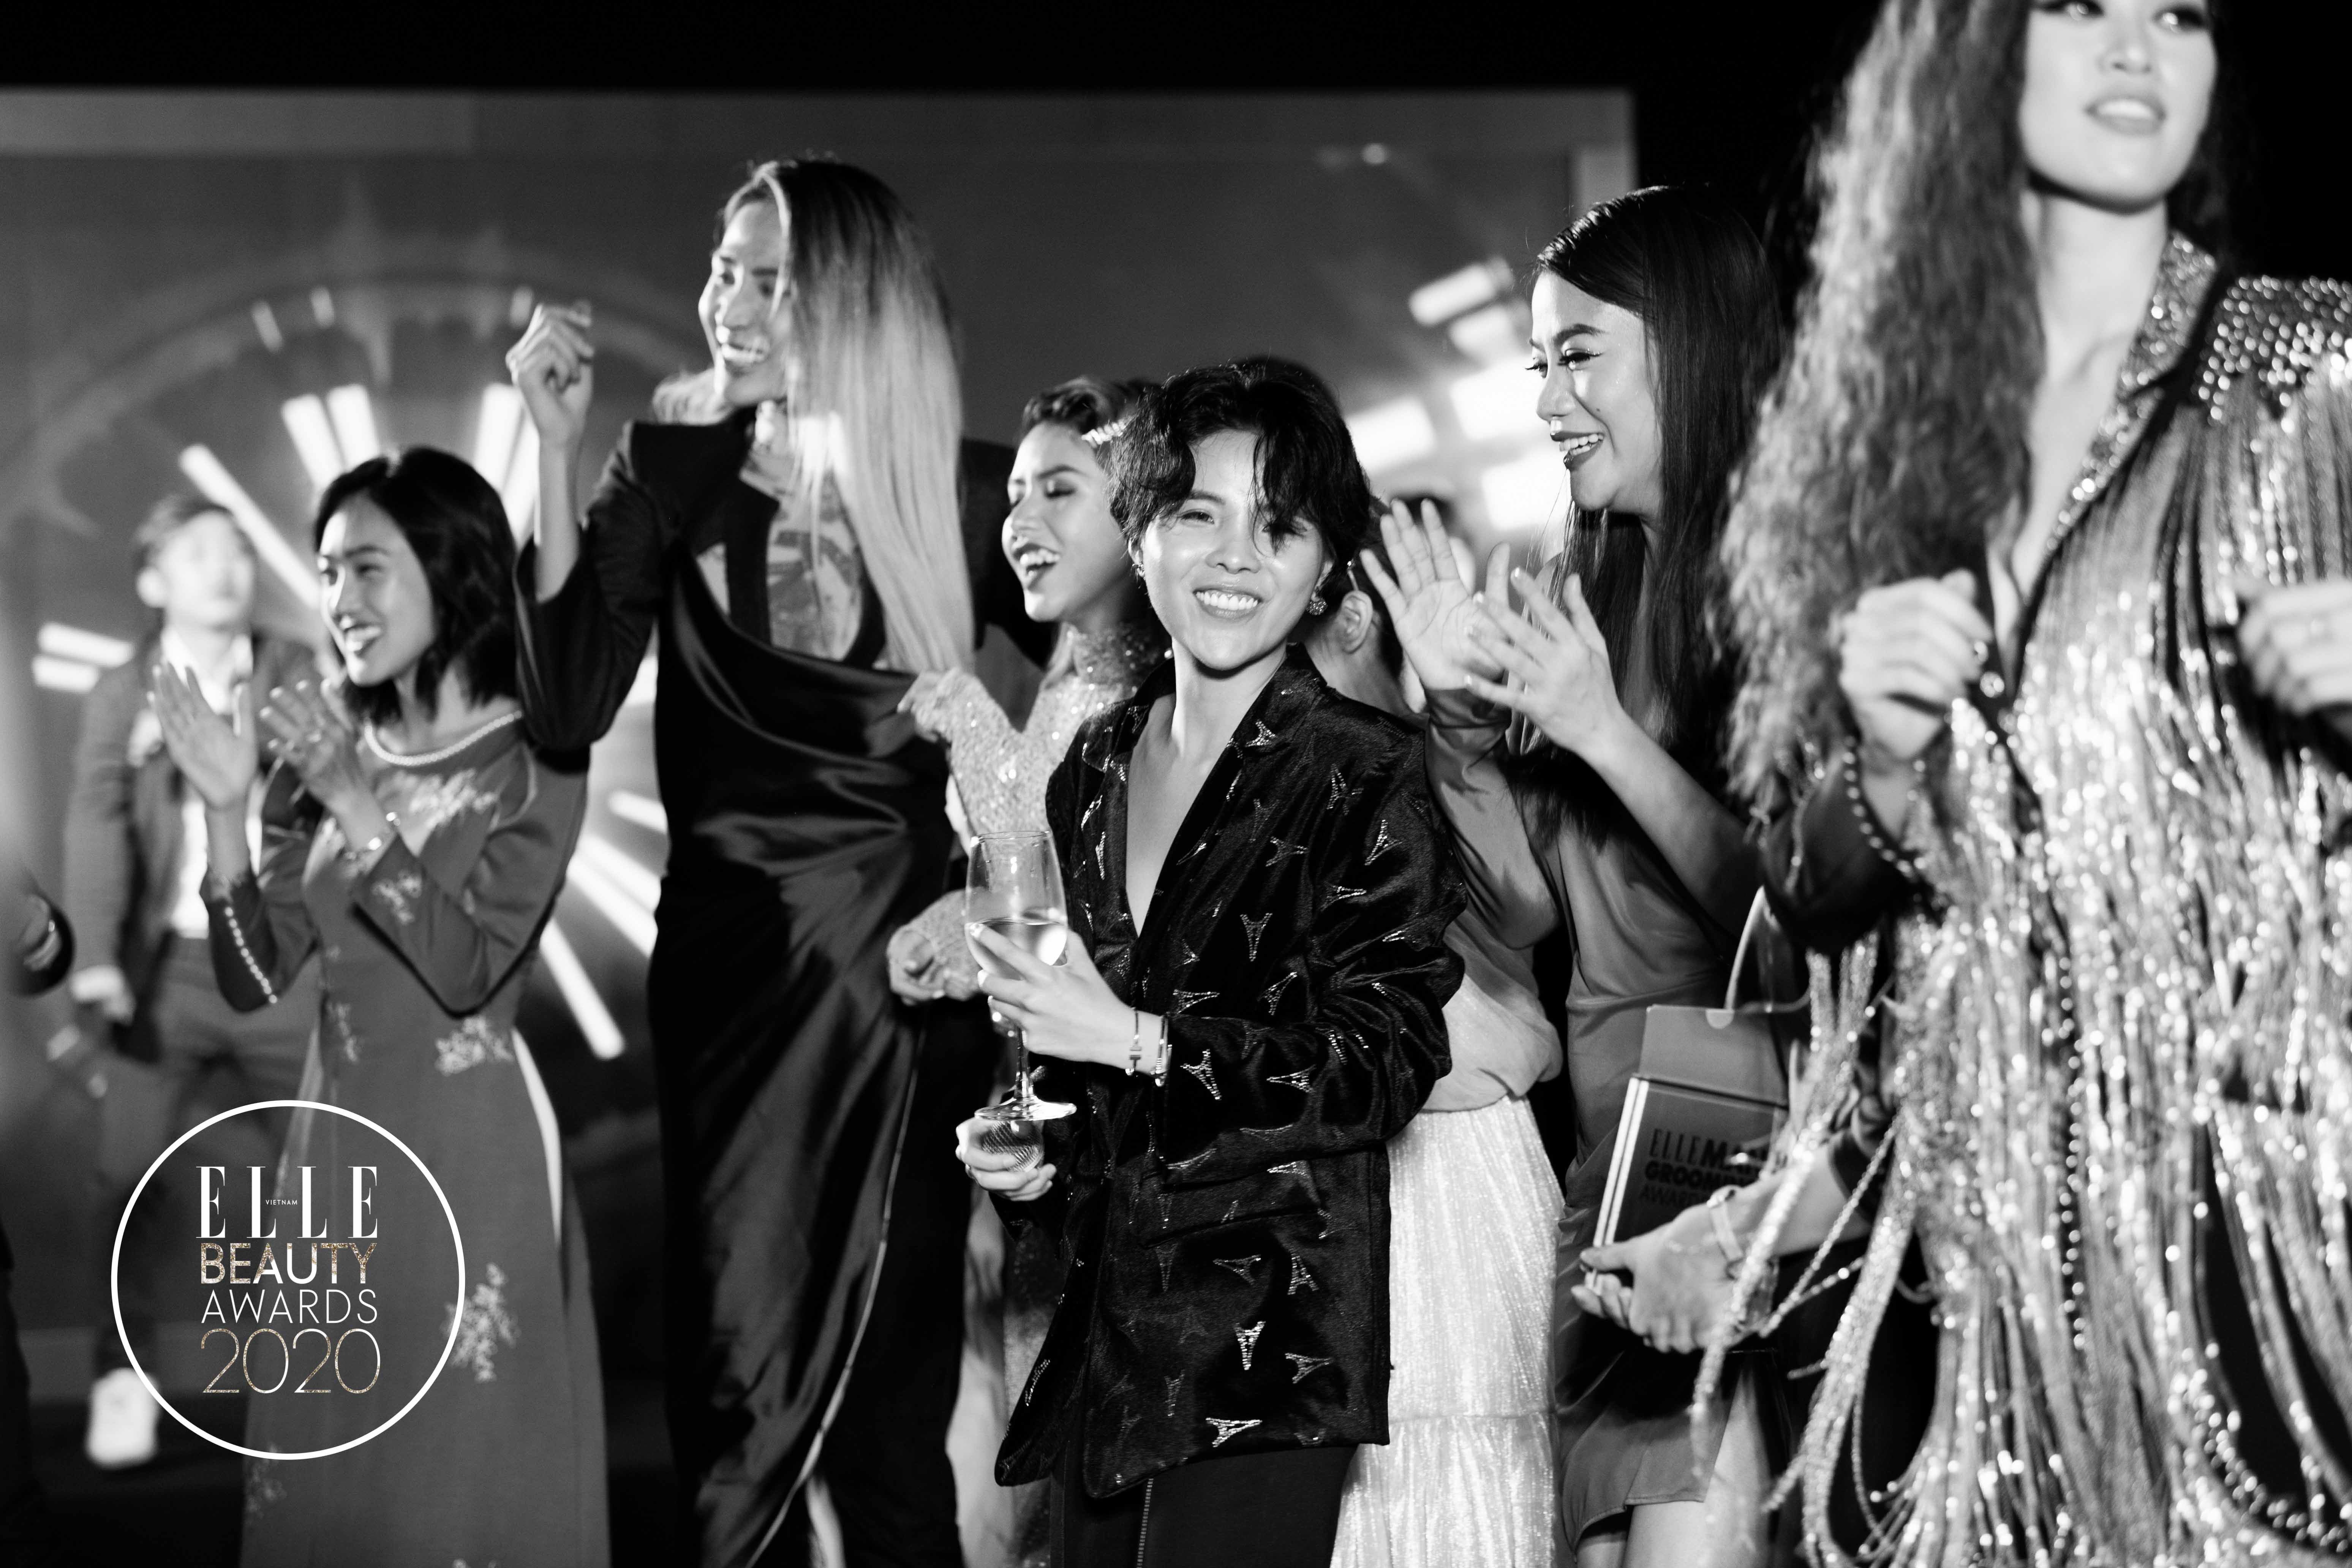 vũ cát tường trình diễn tại elle beauty awards 2